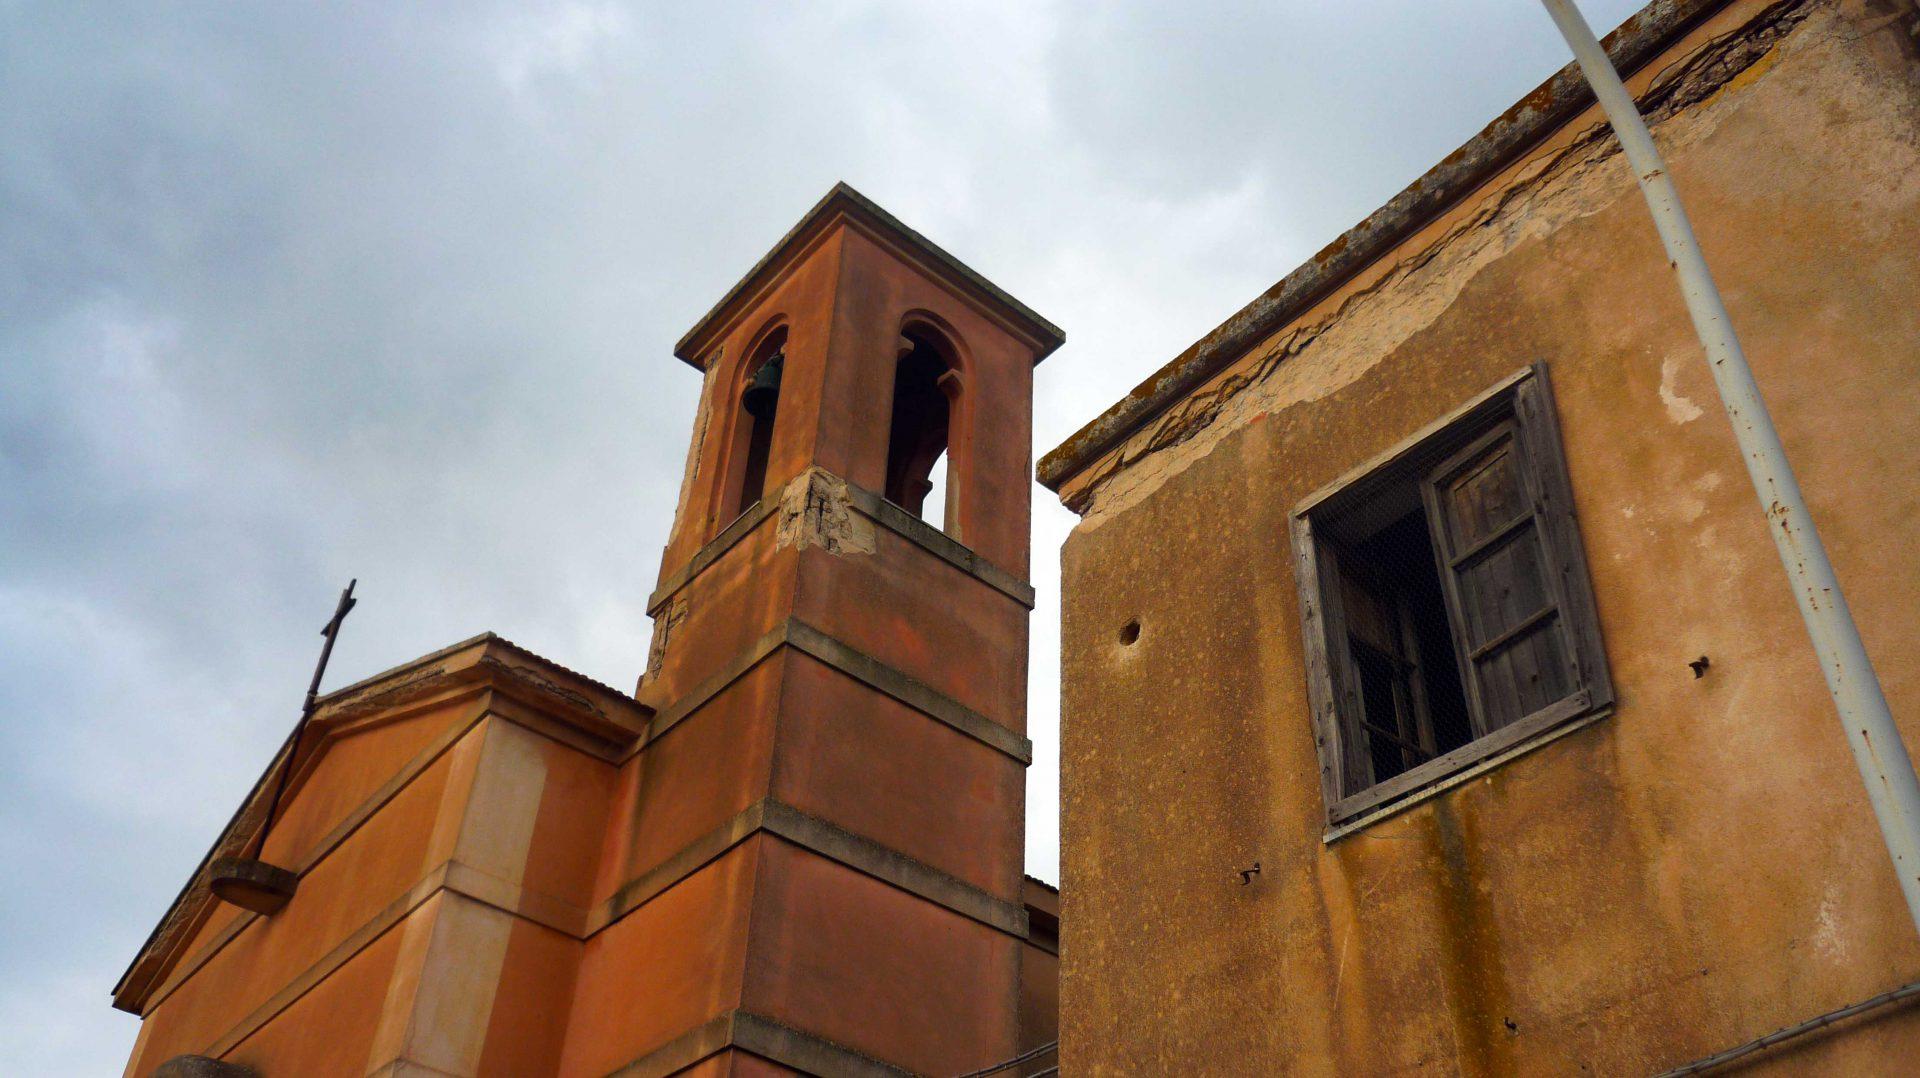 Borgo Bruca vacuamoenia